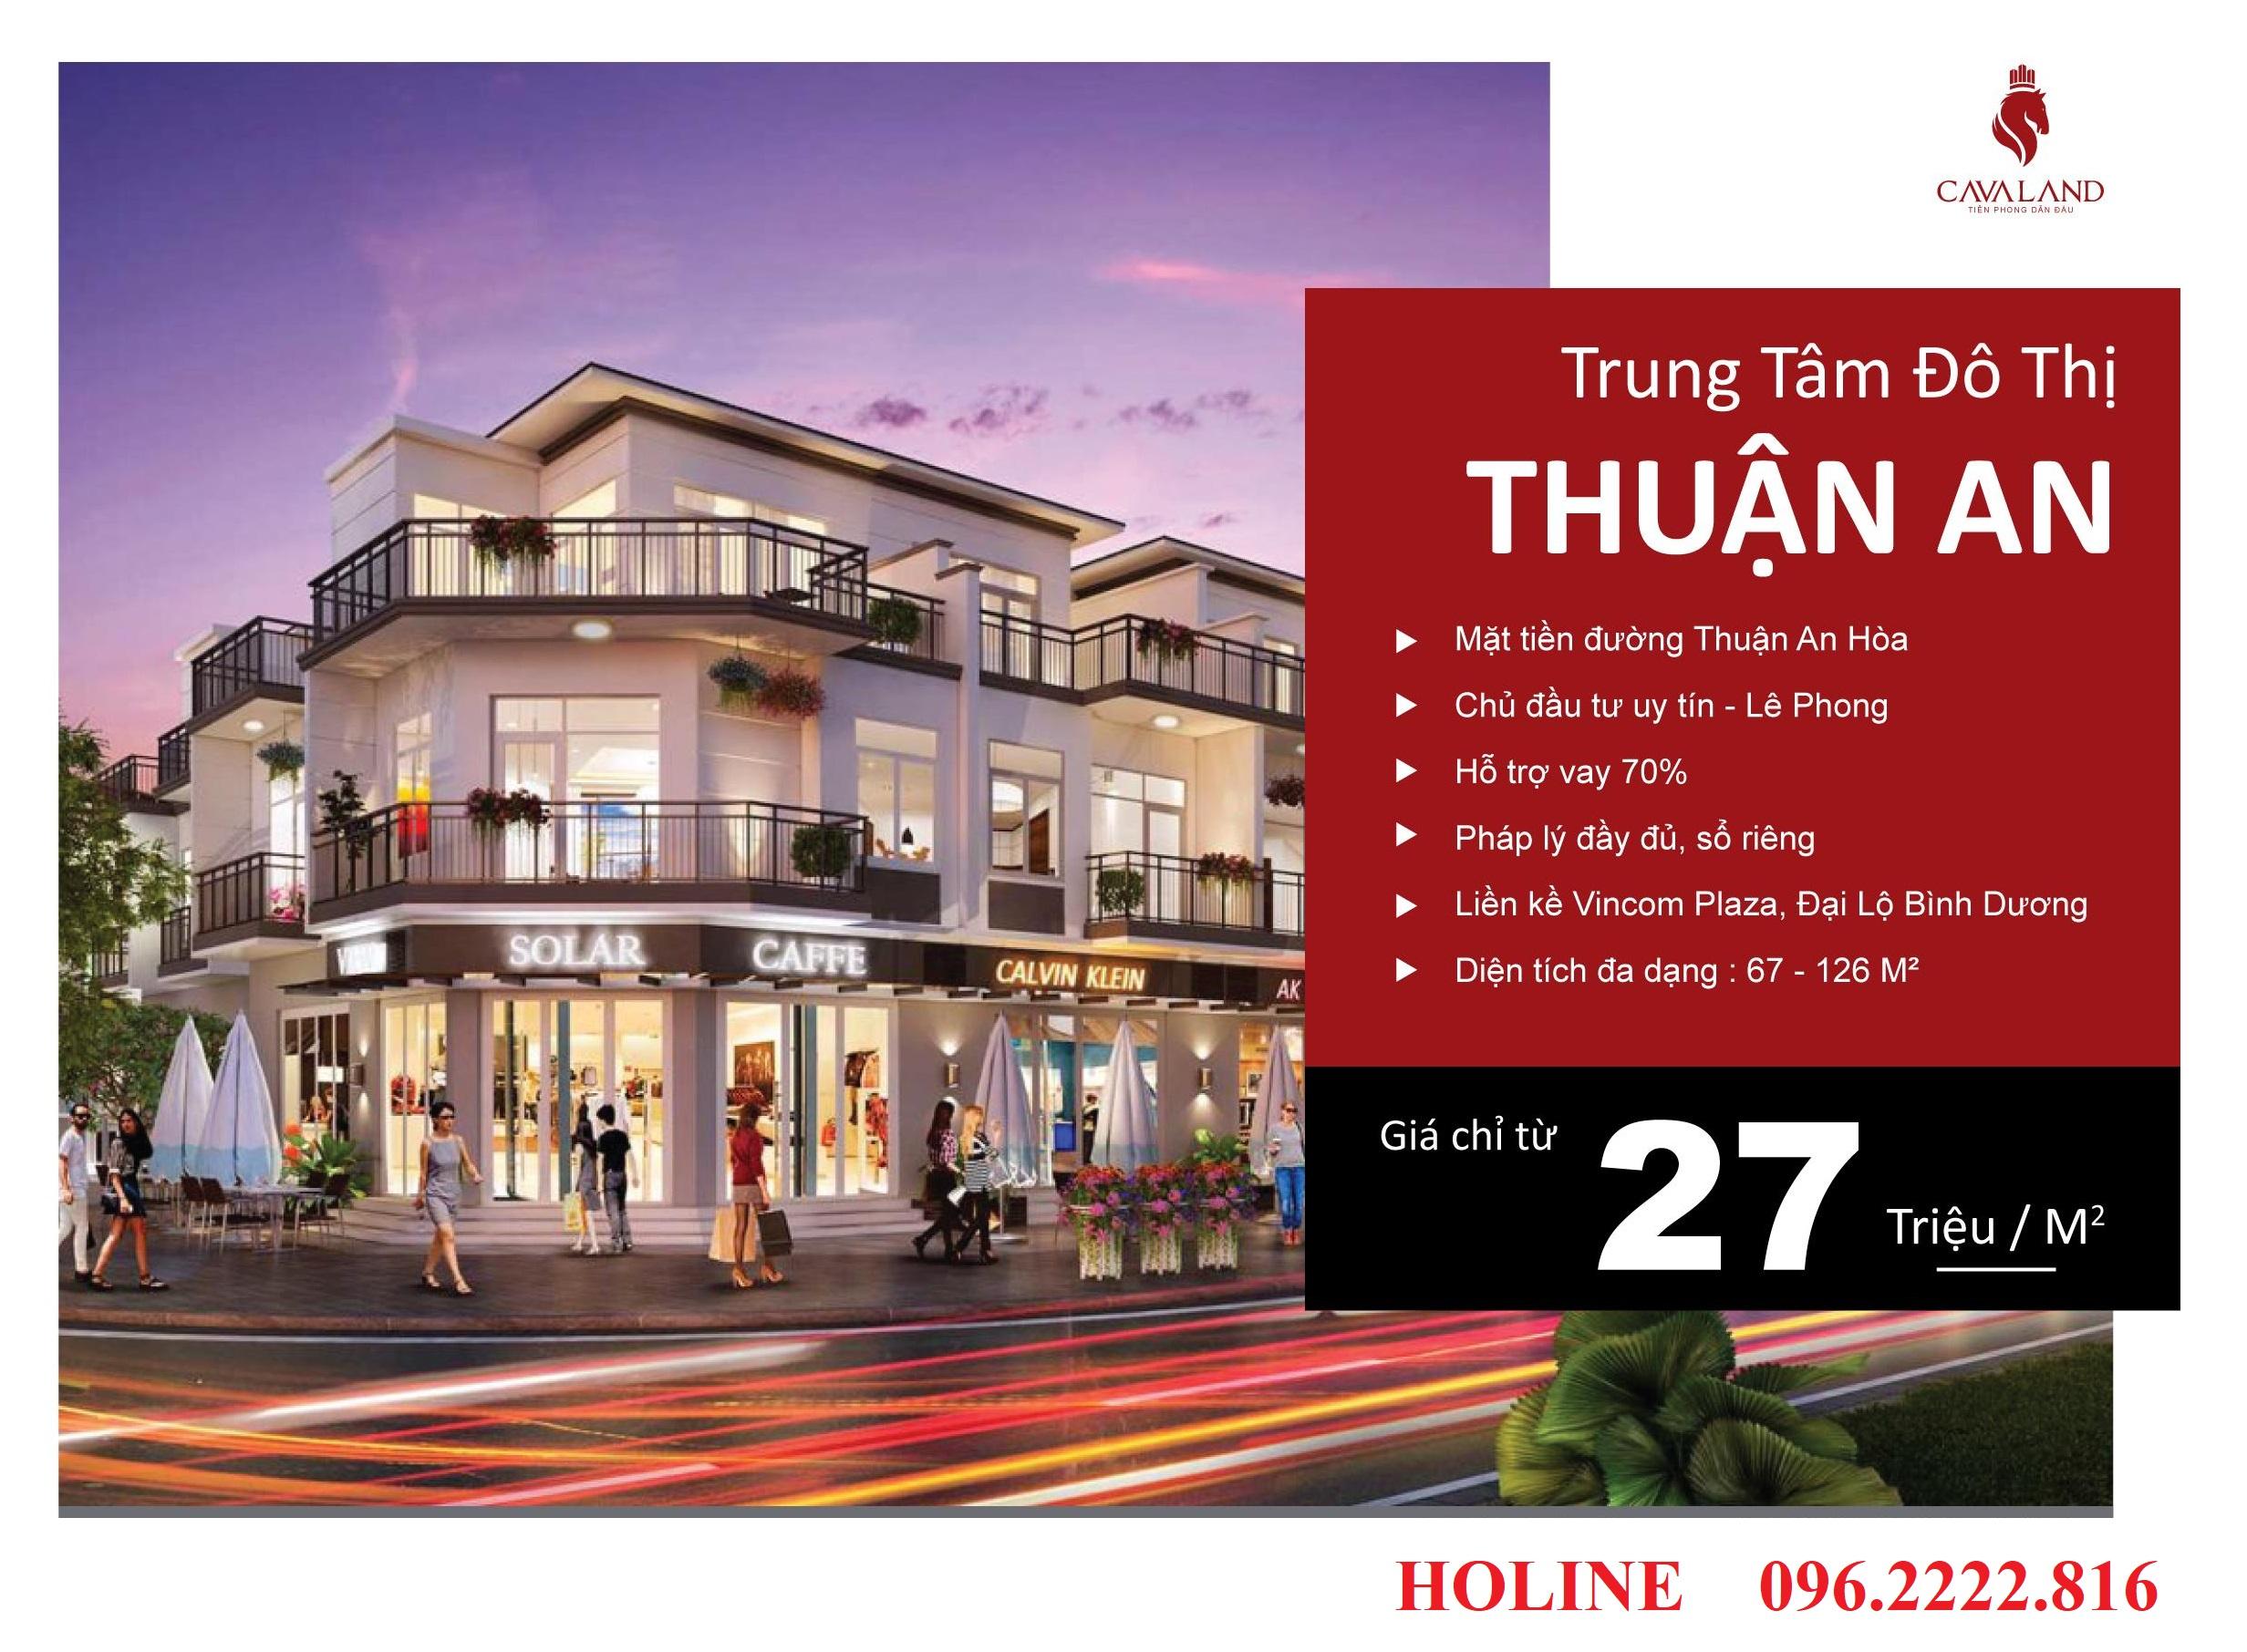 Nhà đất Thuận An Bình Dương